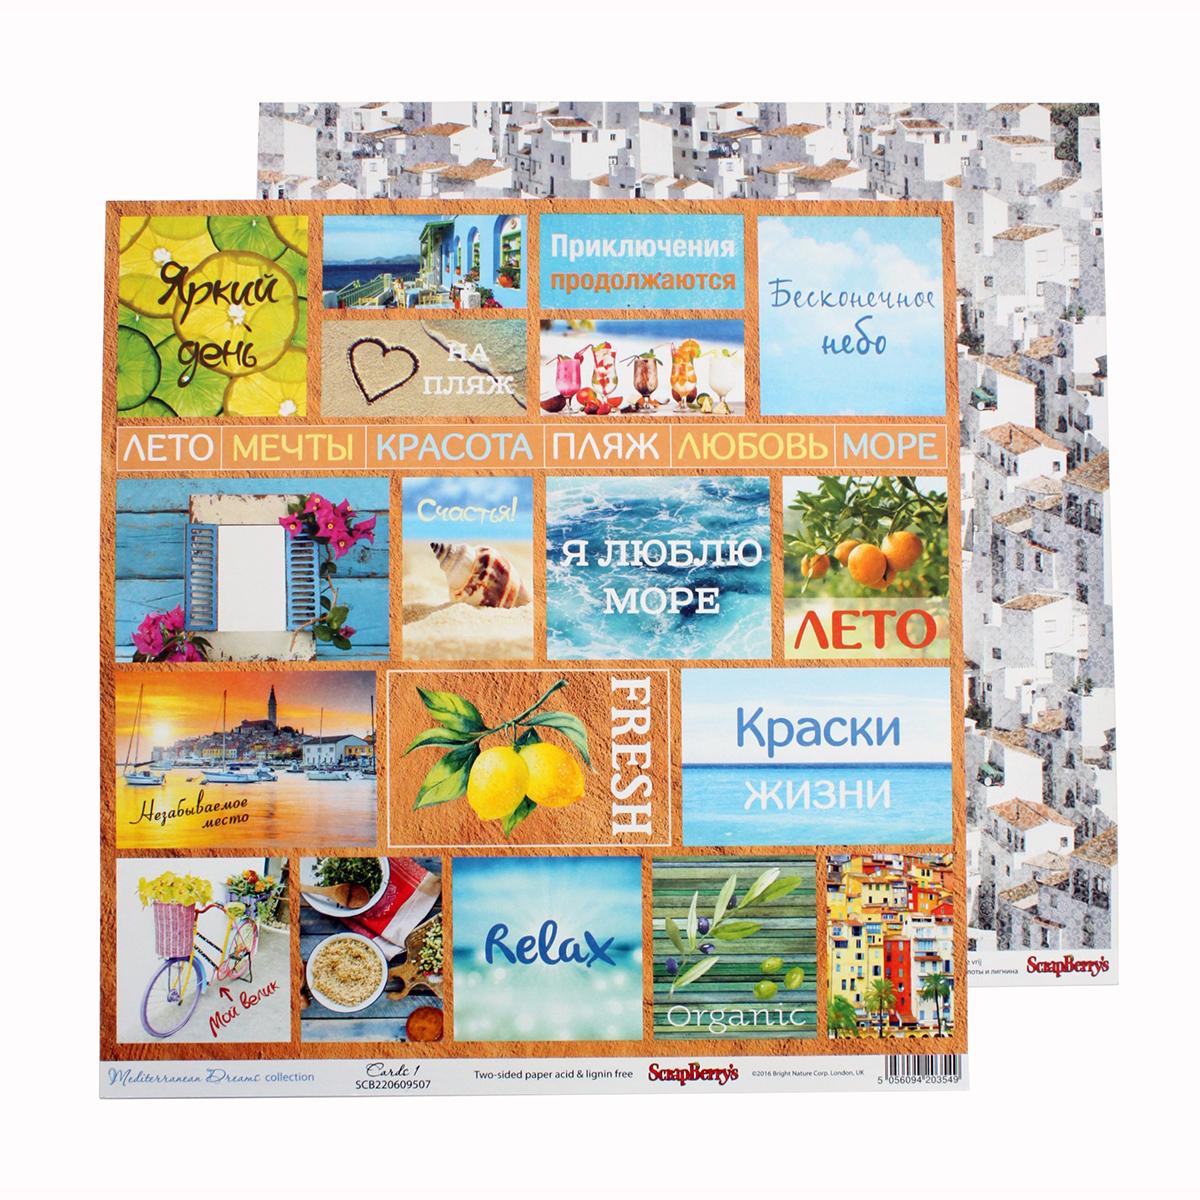 Бумага для скрапбукинга ScrapBerrys Средиземноморье. Карточки 1, двухсторонняя, 30,5 х 30,5 см, 10 шт19201Бумага для скрапбукинга ScrapBerrys позволит создать красивый альбом, фоторамку или открытку ручной работы, оформить подарок или аппликацию. Набор включает в себя 10 листов из плотной бумаги.Скрапбукинг - это хобби, которое способно приносить массу приятных эмоций не только человеку, который этим занимается, но и его близким, друзьям, родным. Это невероятно увлекательное занятие, которое поможет вам сохранить наиболее памятные и яркие моменты вашей жизни, а также интересно оформить интерьер дома.Размер листа: 30,5 х 30,5 см.